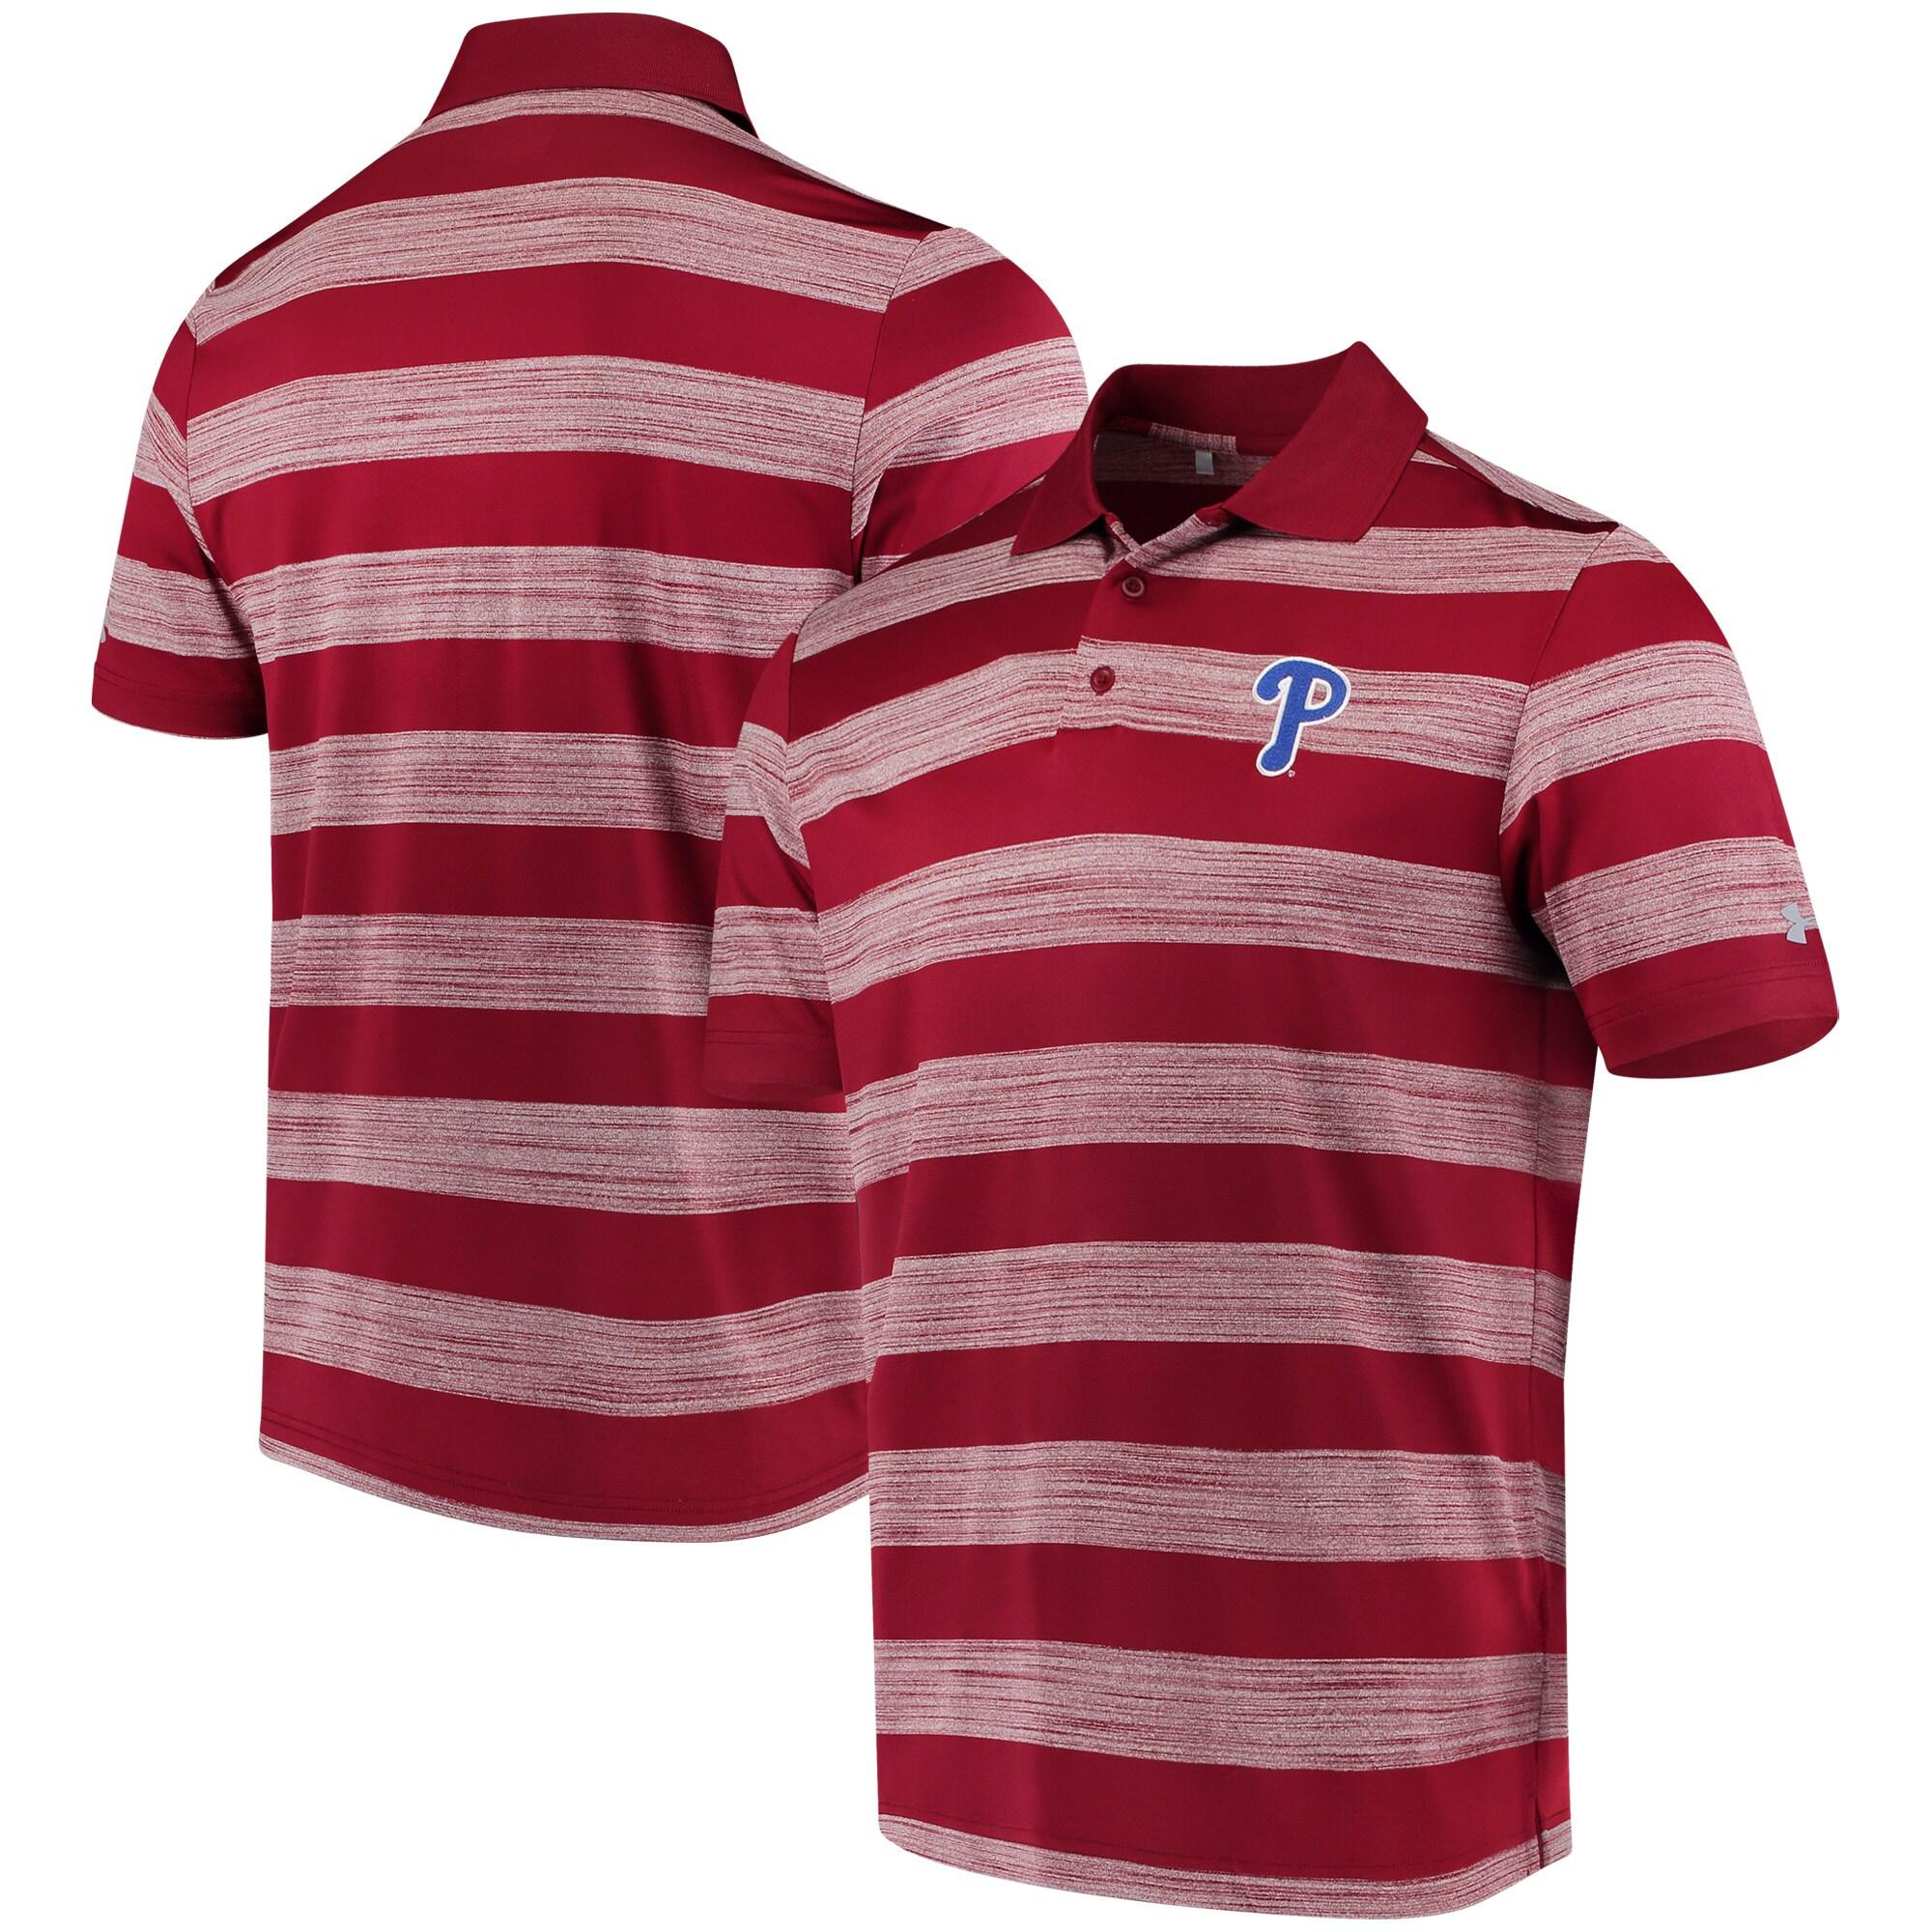 Philadelphia Phillies Under Armour Skyball Tonal Stripe Polo - Cardinal